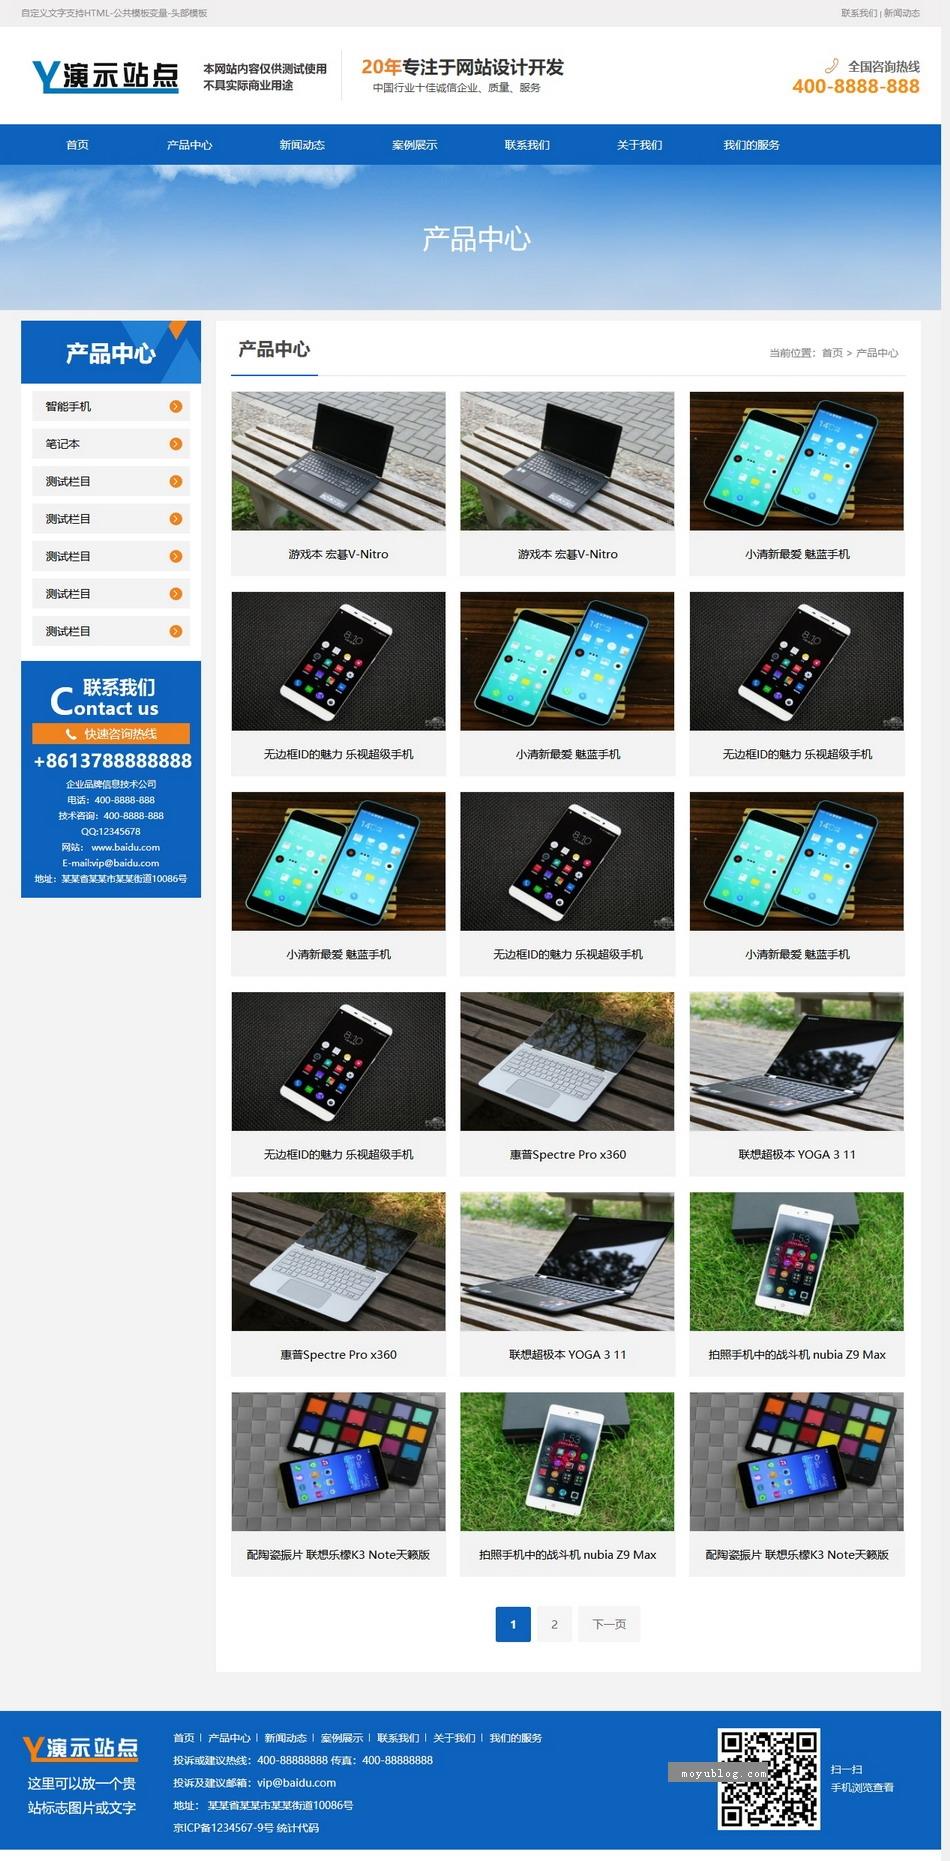 企业公司产品商品展示案例新闻HTML5自适应手机帝国CMS网站模板 帝国CMS网站模板 HTML5自适应 主题模板 第5张